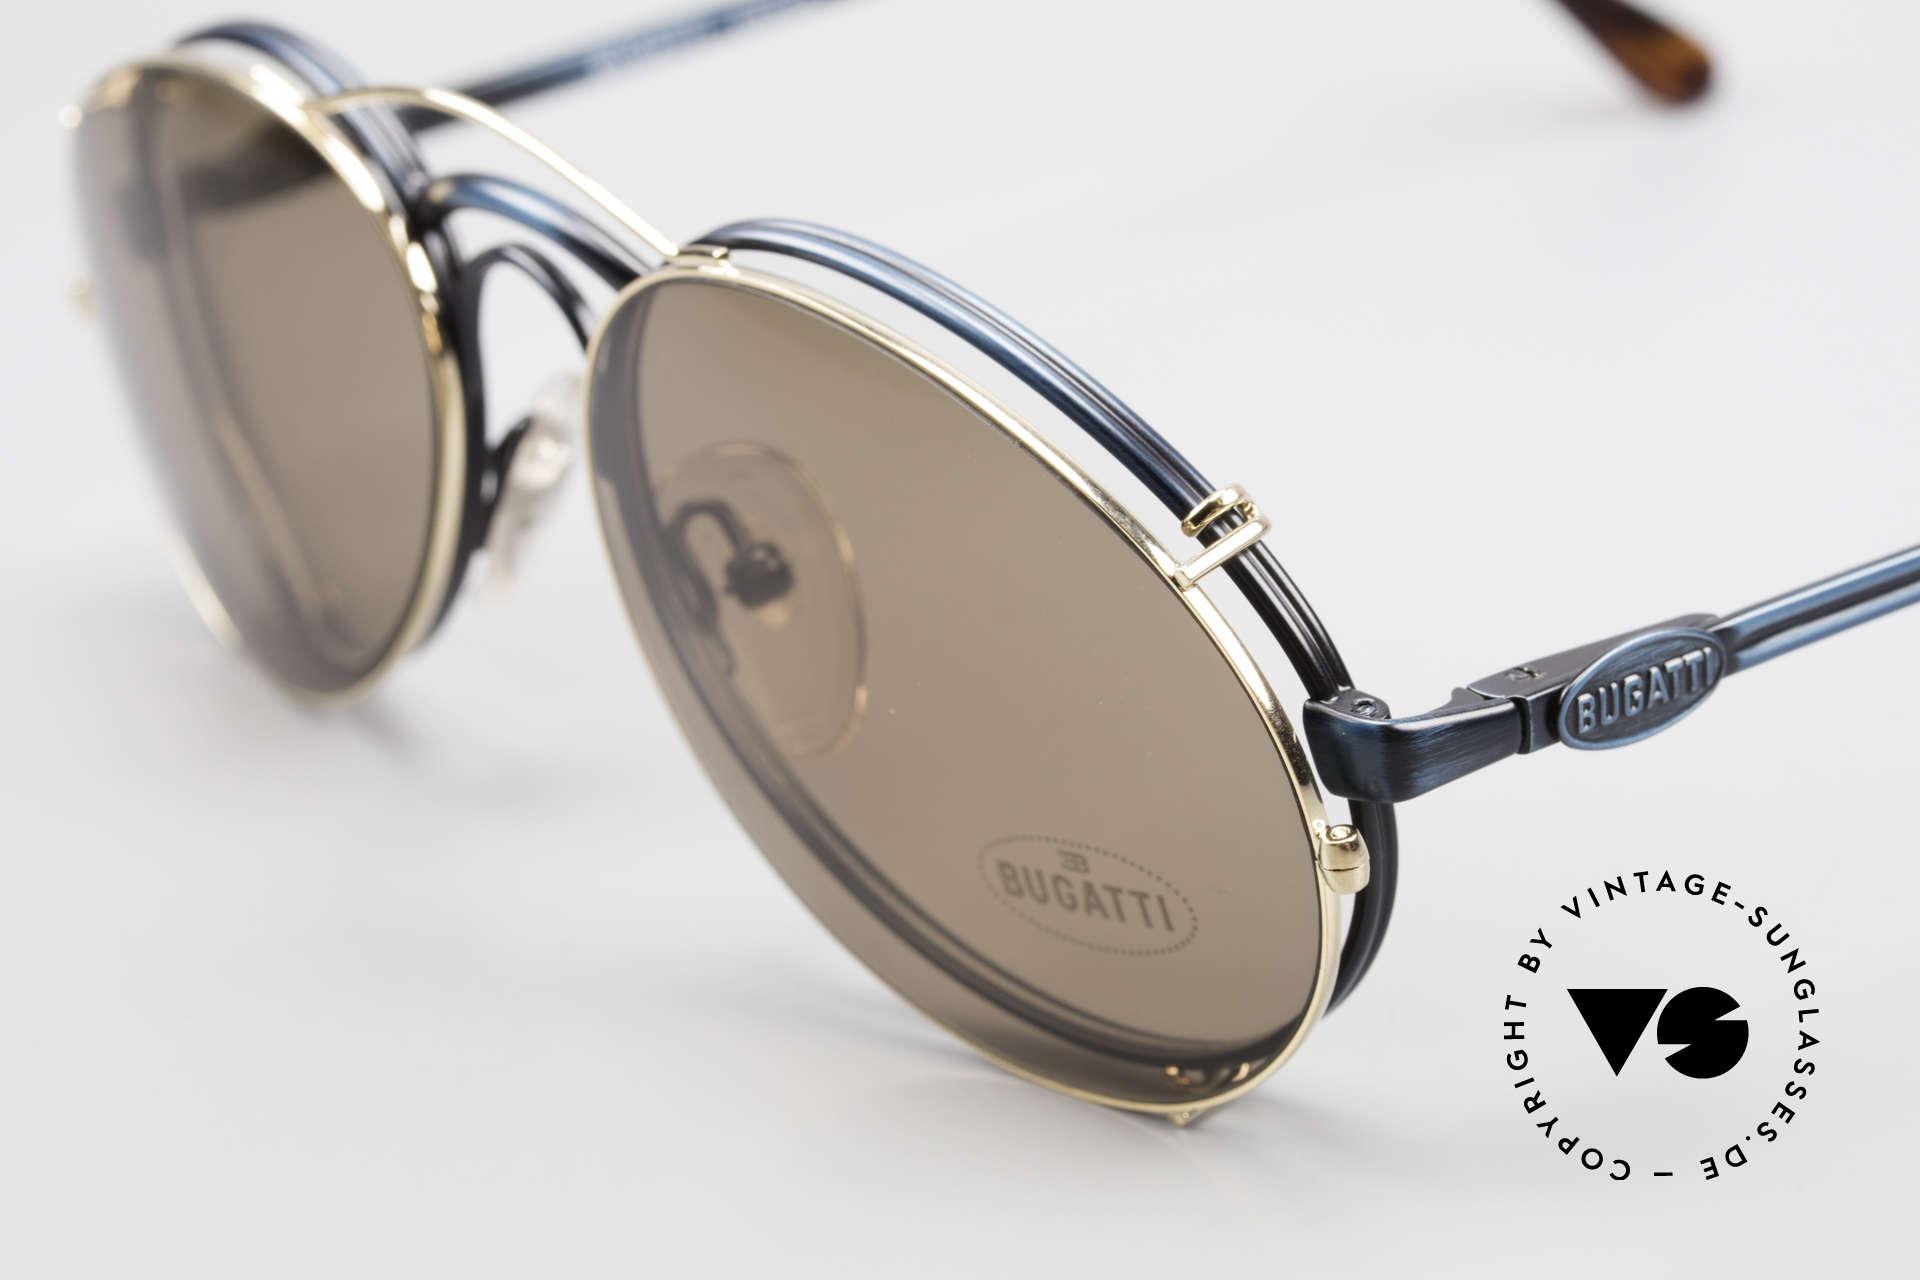 Bugatti 03328 Clip On Herrensonnenbrille, ungetragen (wie alle unsere vintage Bugatti Modelle), Passend für Herren